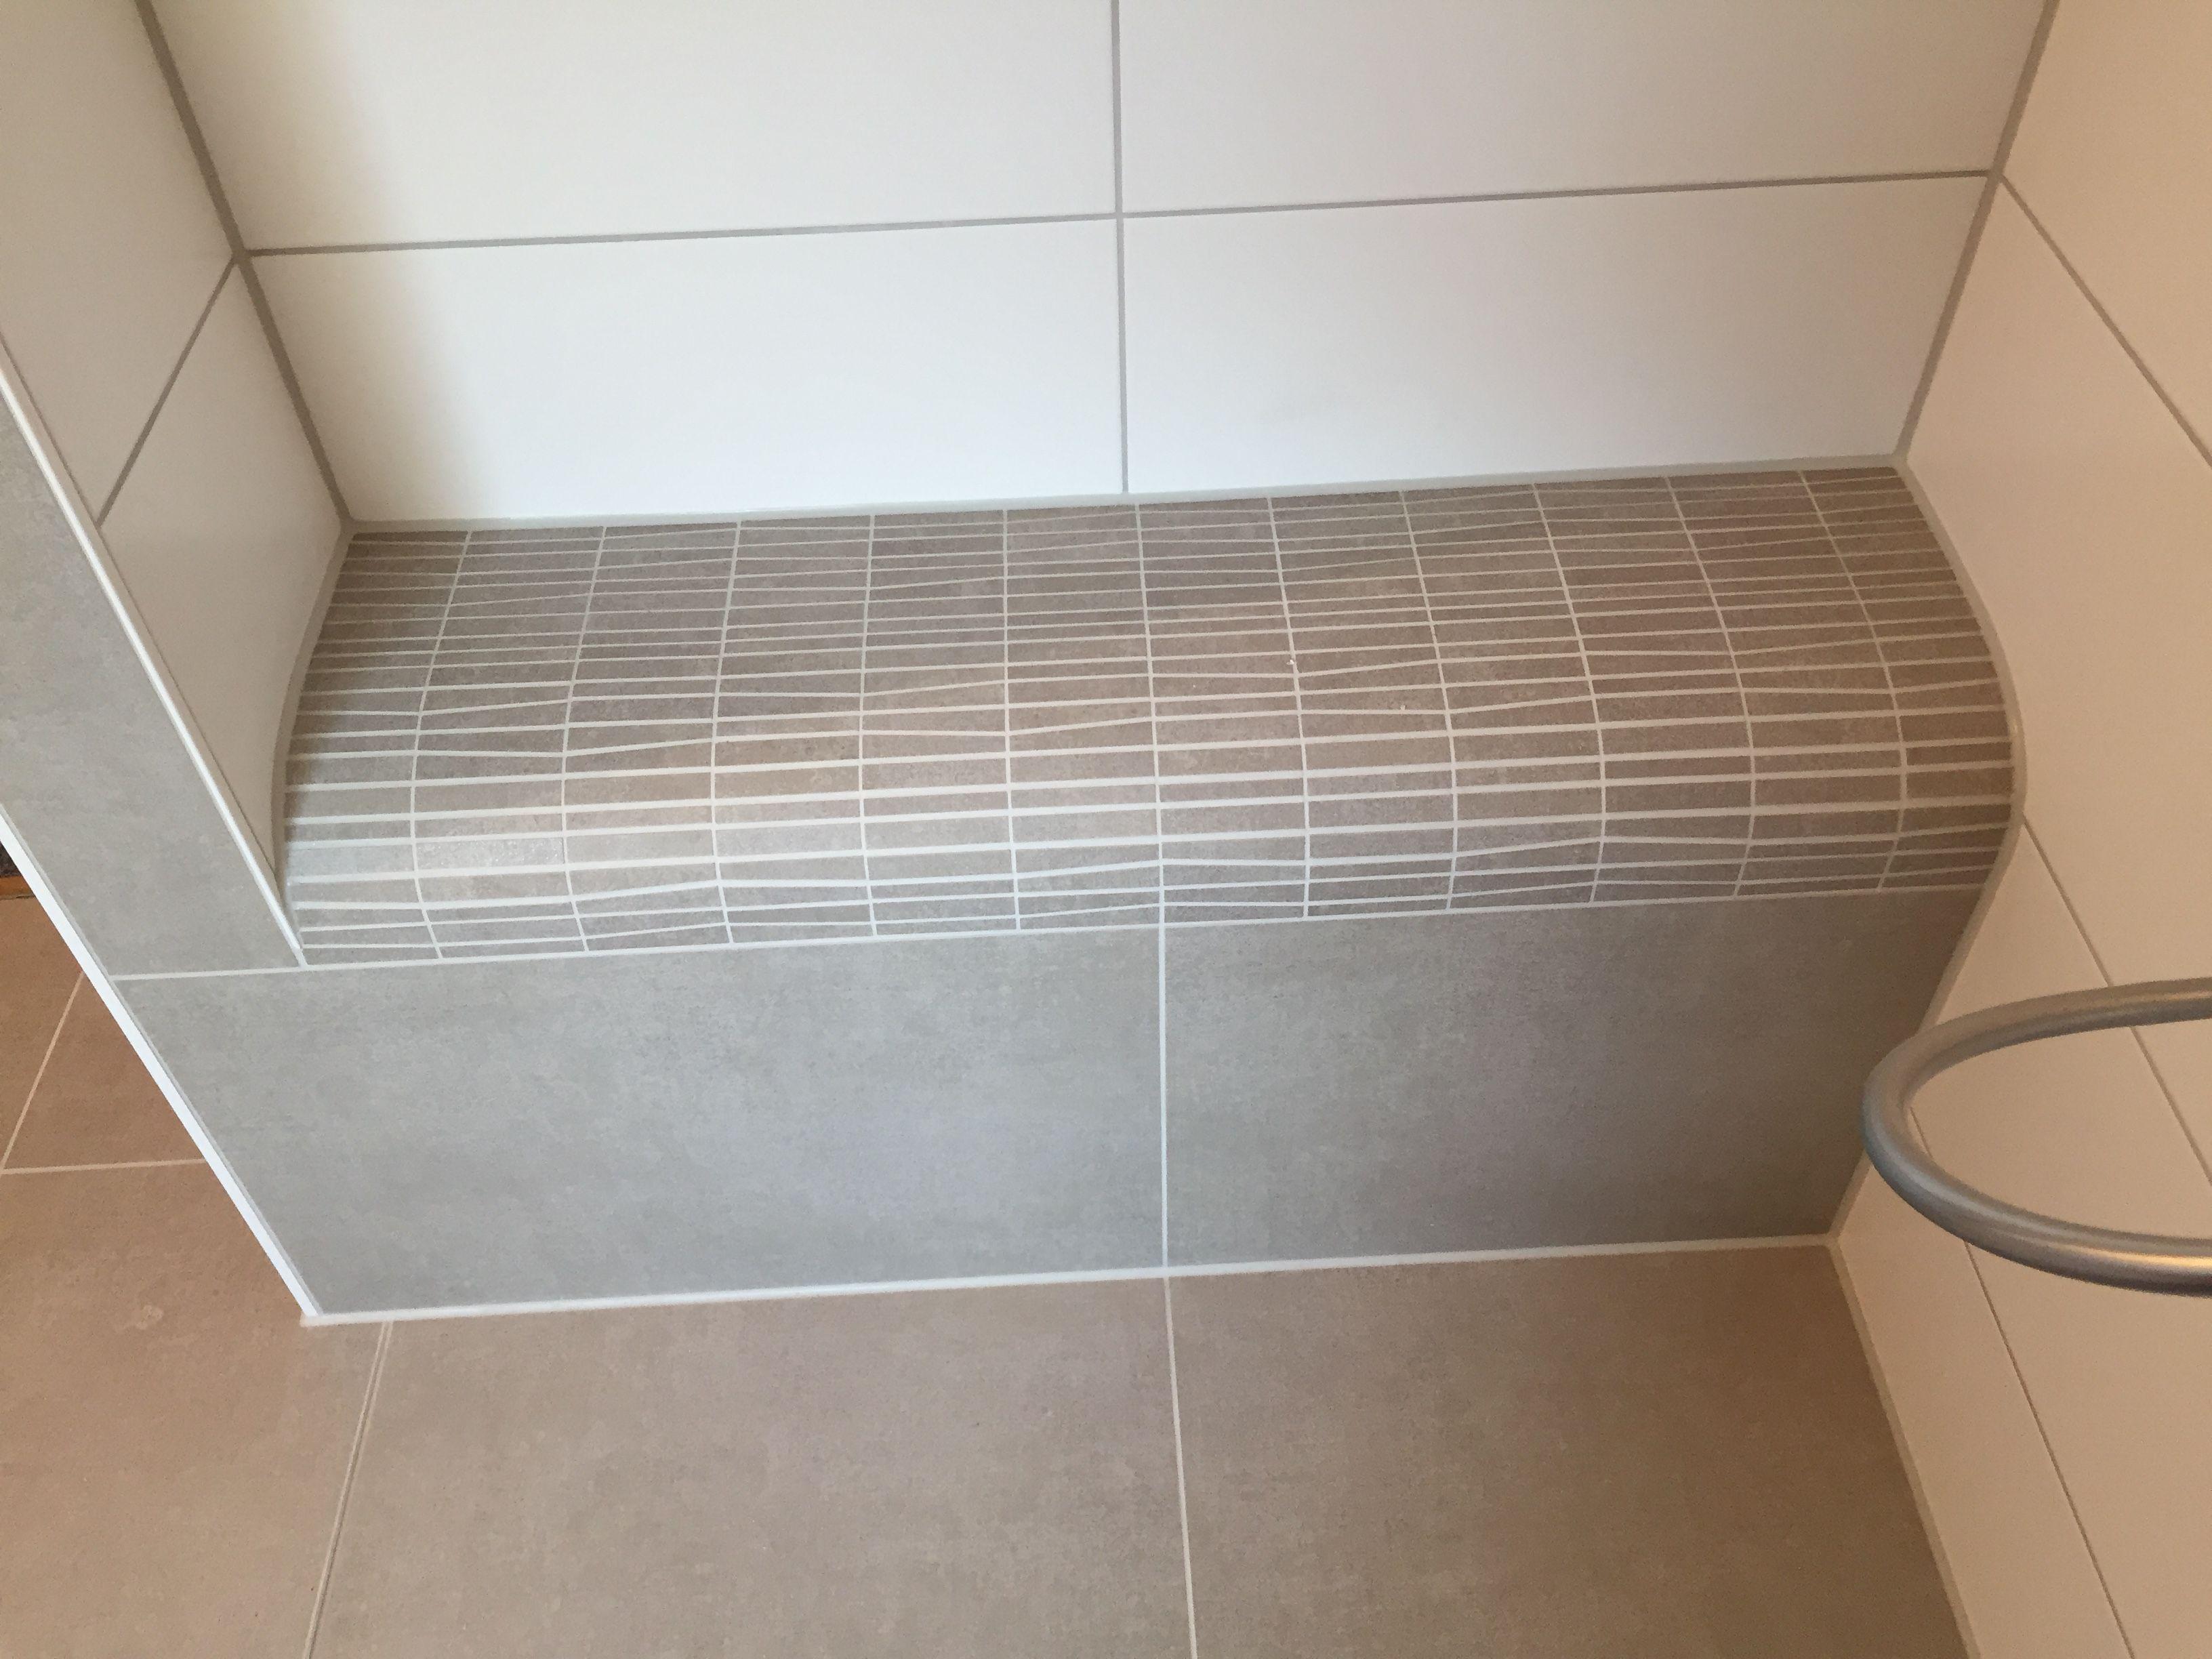 Begehbare Dusche mit Ablage Ablage dusche, Dusche